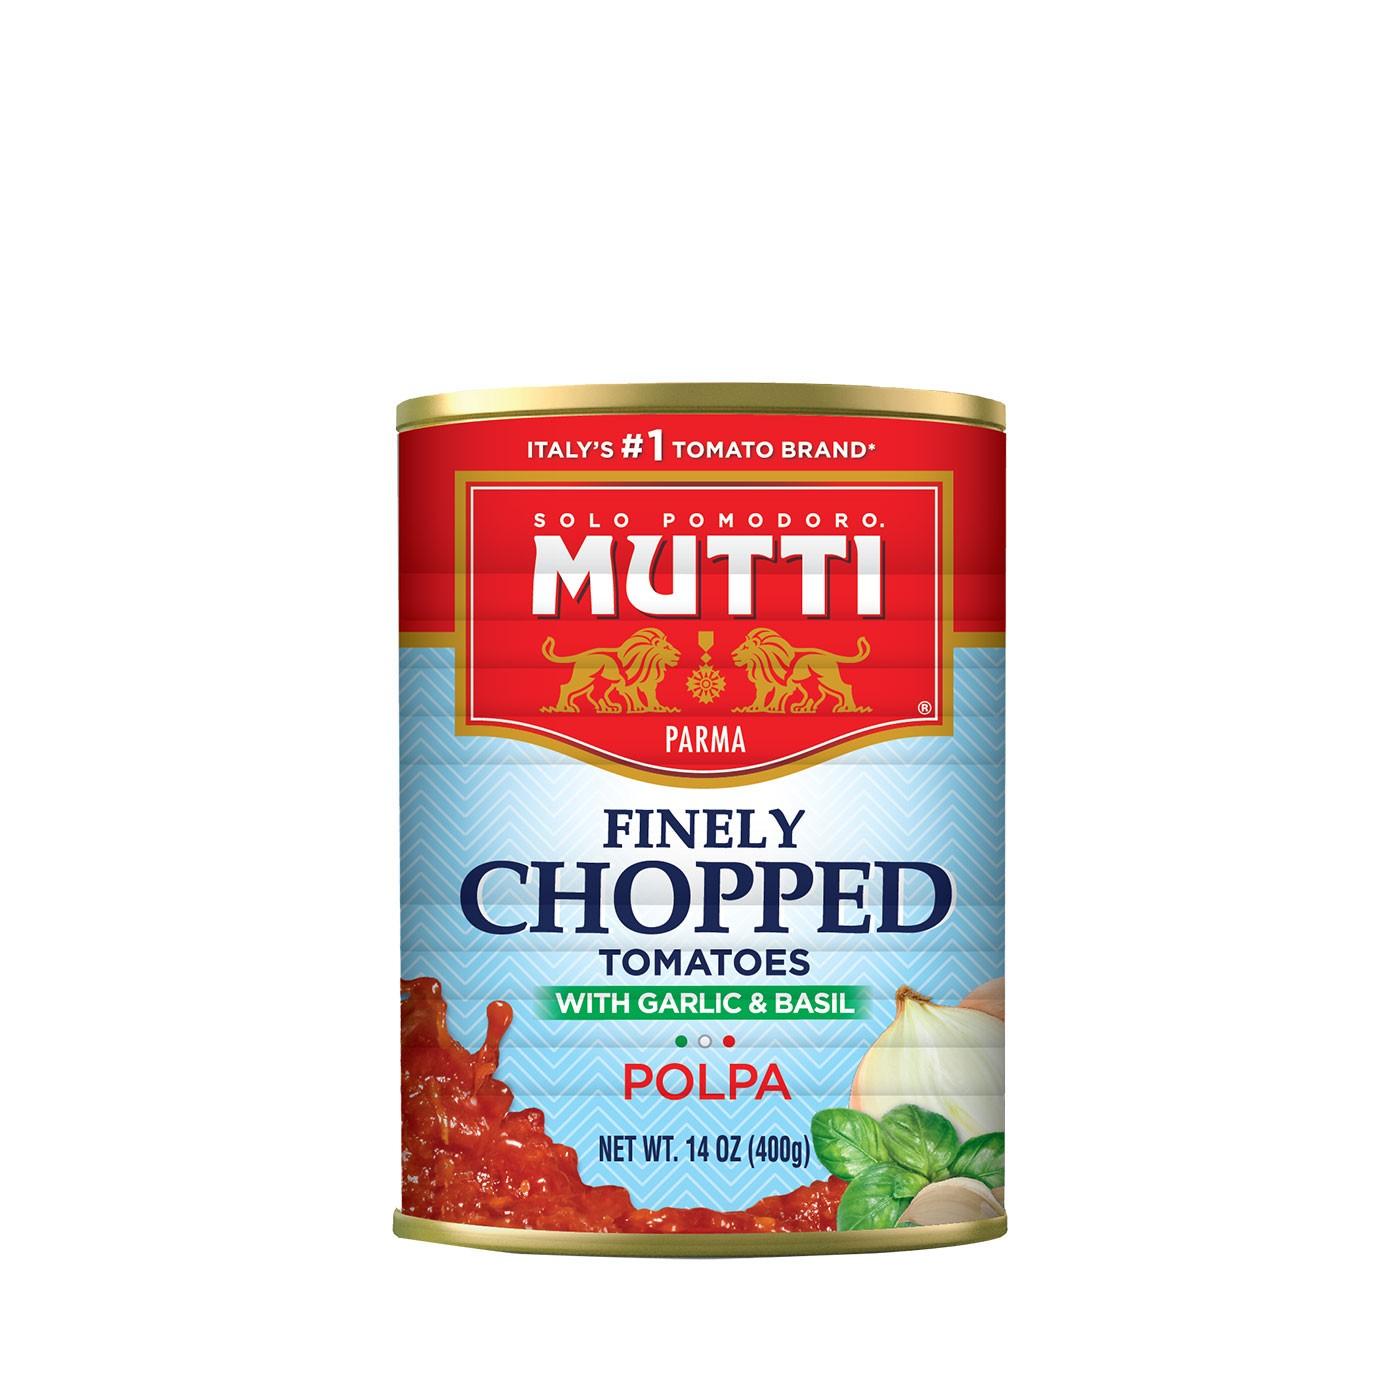 Polpa with Onion, Garlic & Basil 14 oz - Mutti | Eataly.com